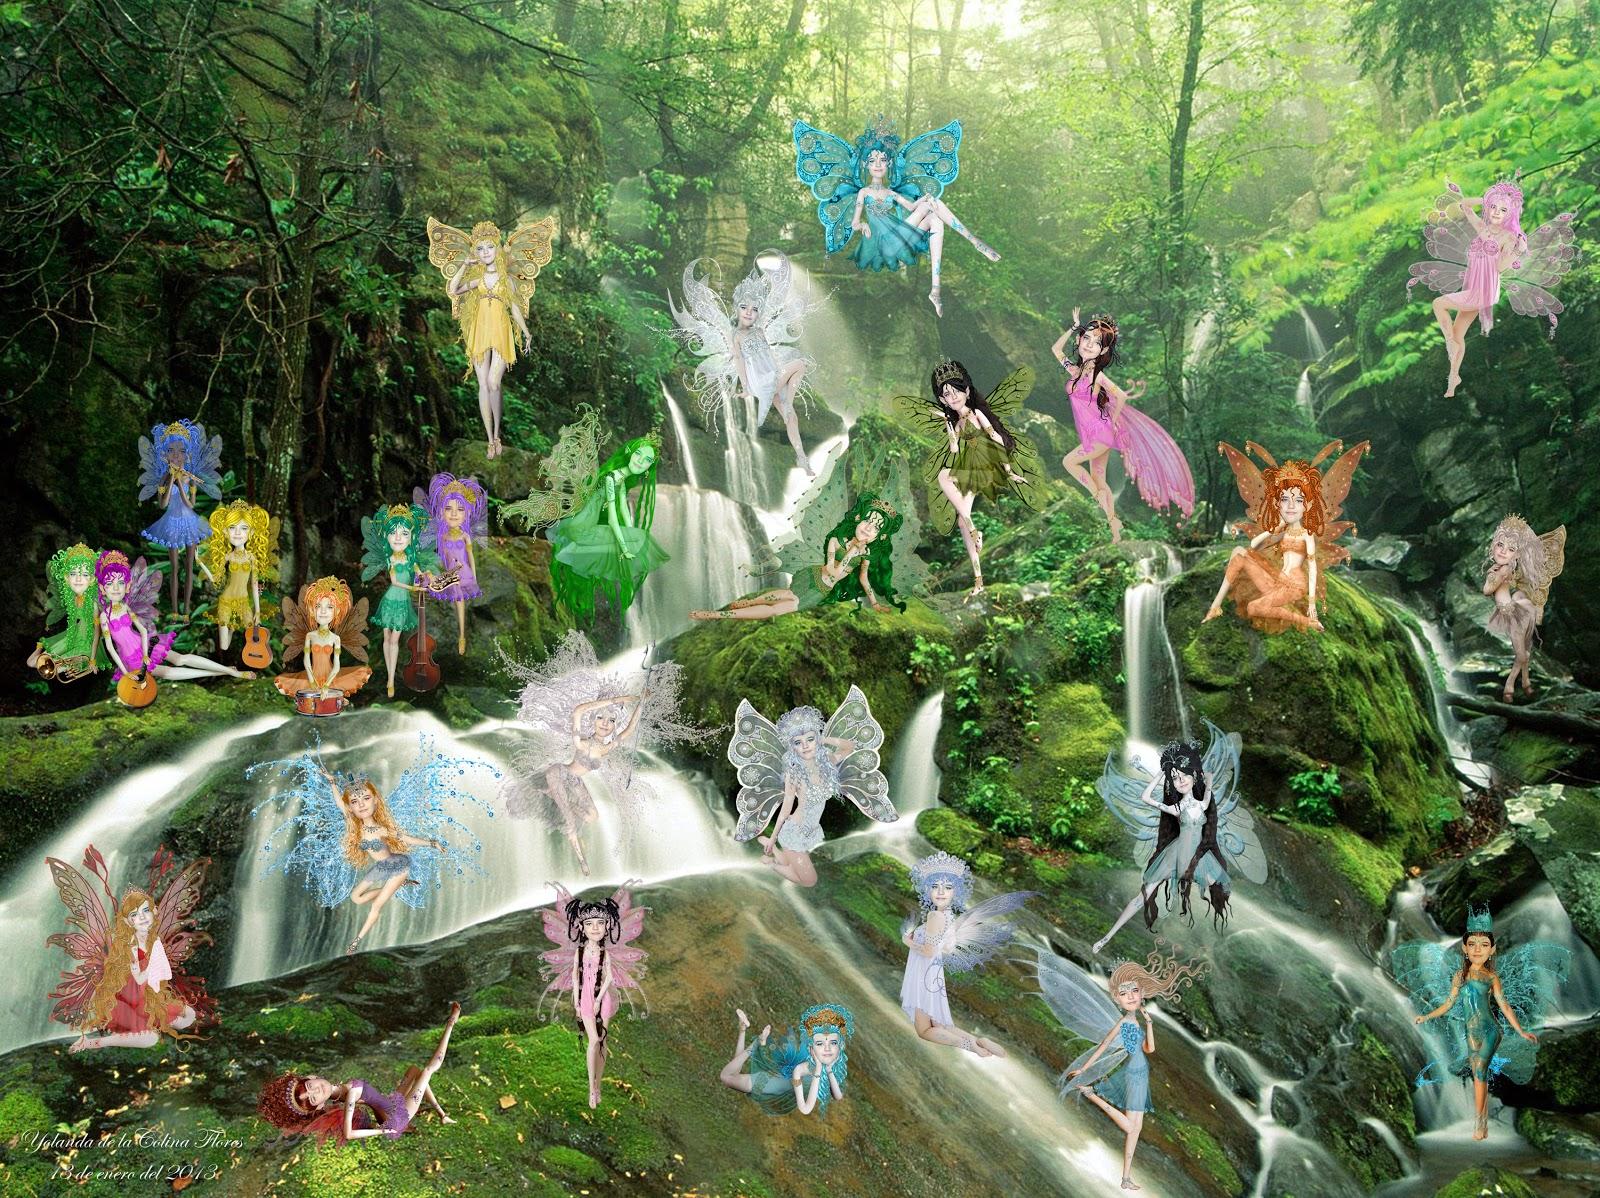 Imagenes De Hadas Bellas Fairies Fairy | MEJOR CONJUNTO DE FRASES